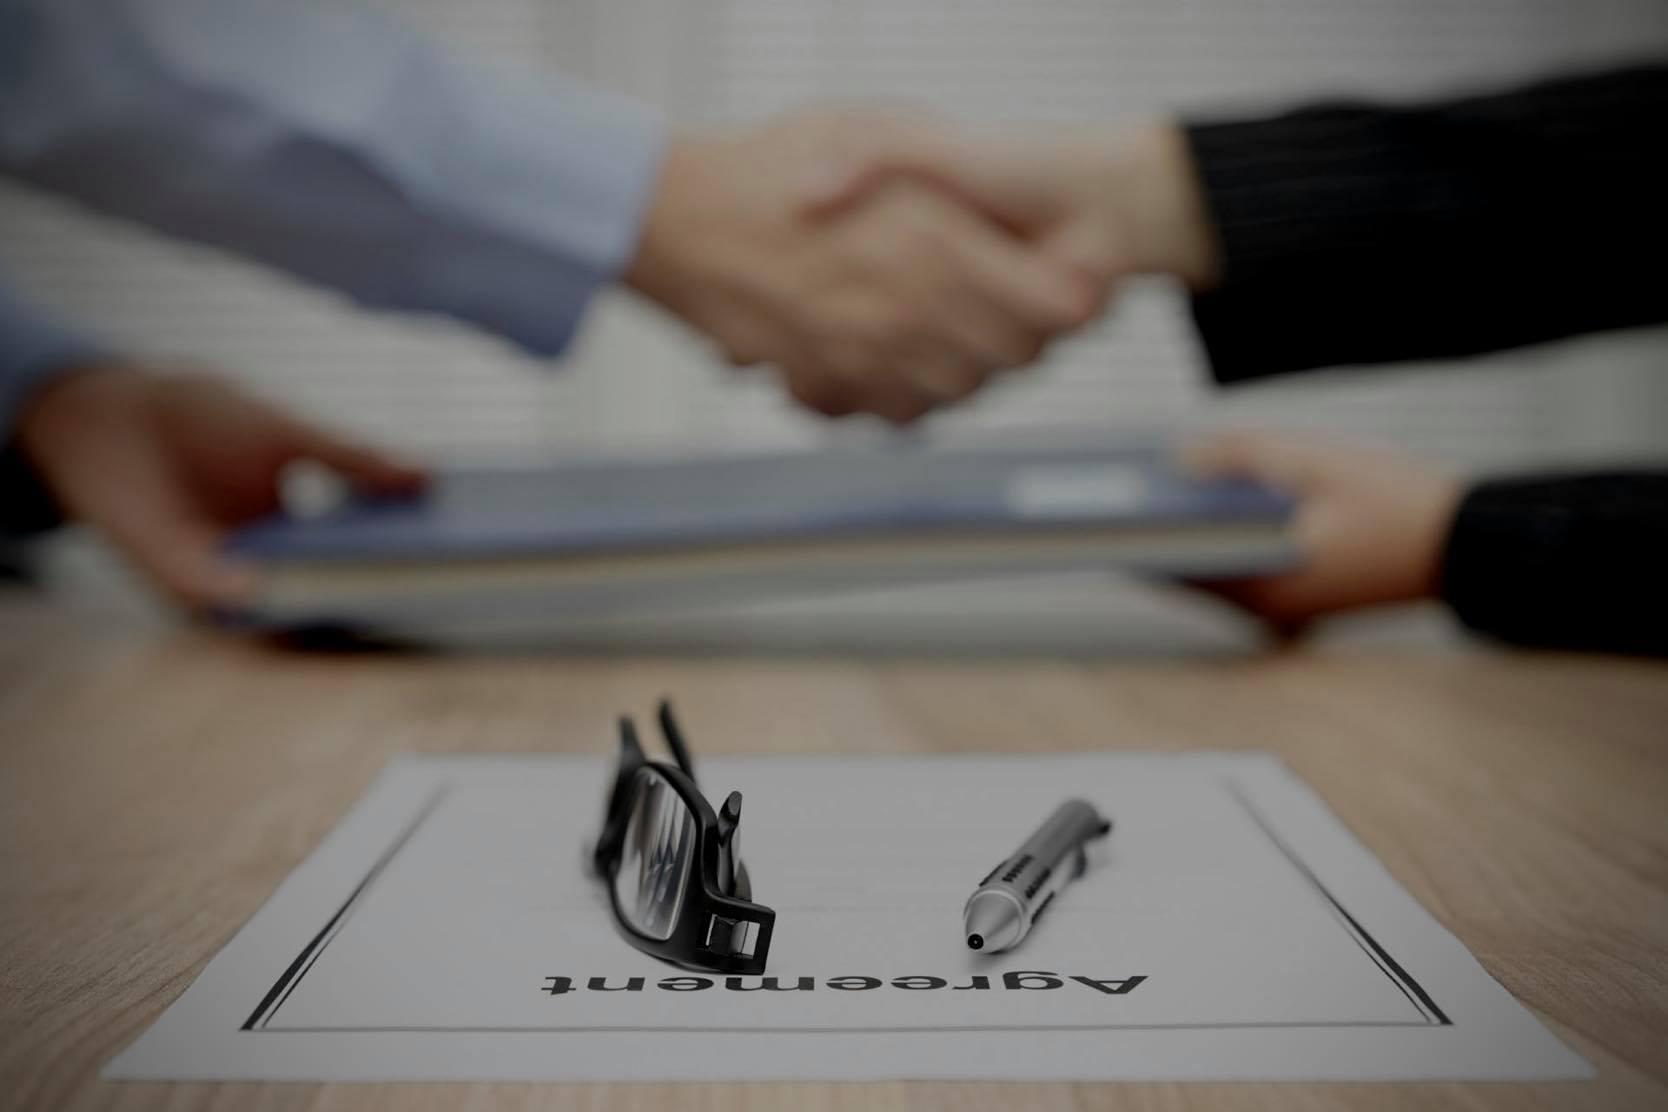 Employee Agreement Stock